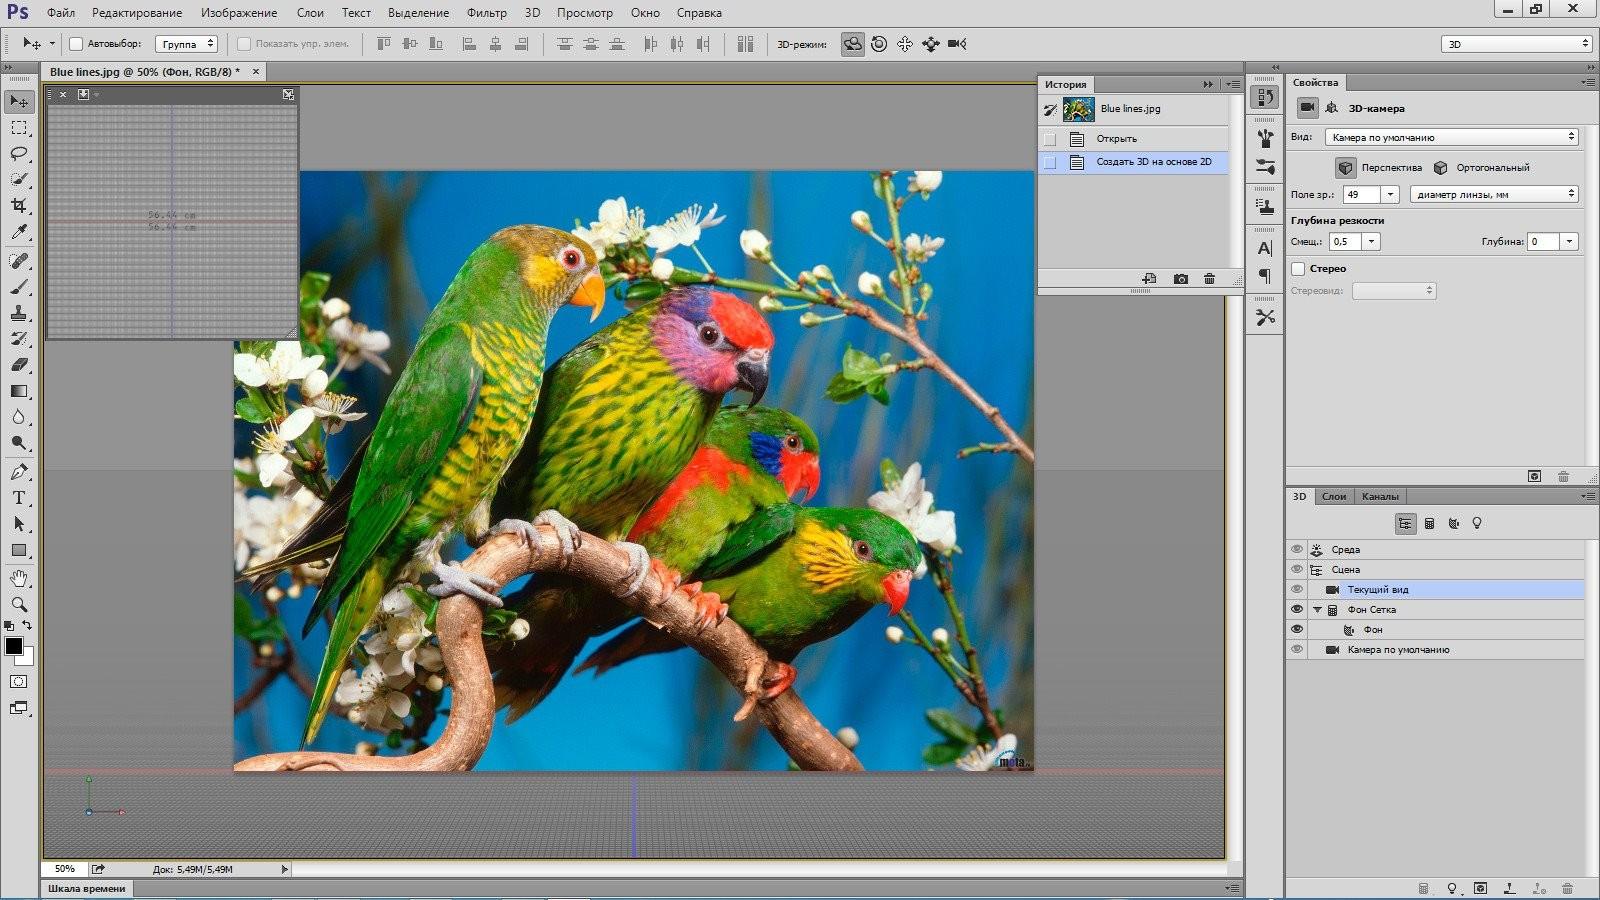 Скачать программы Adobe Photoshop CS6 + Adobe Photoshop CS6 Extended PC - ТОРРЕНТИНО - торрент трекер - бесплатно